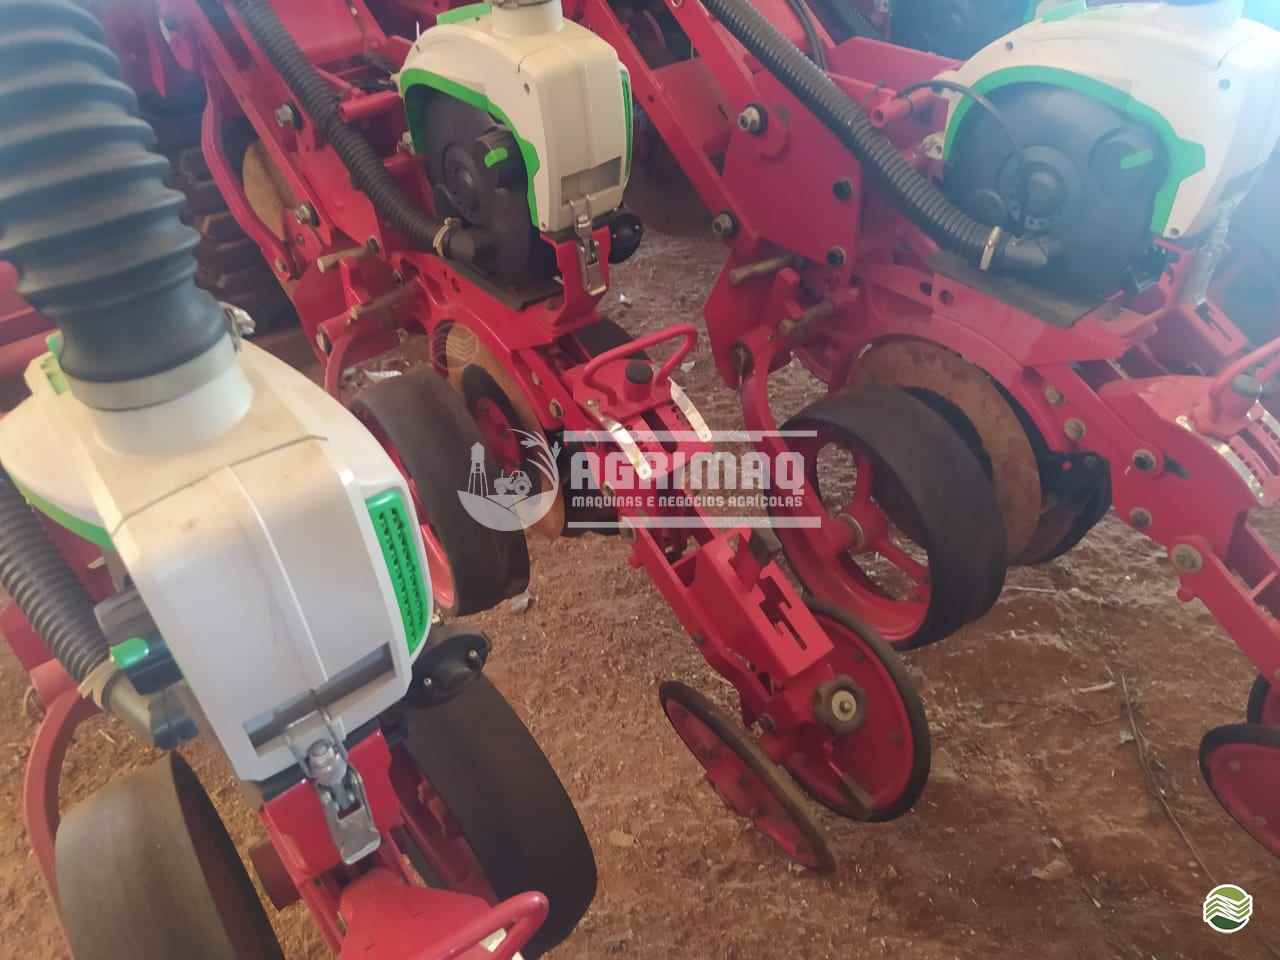 VENCE TUDO MACANUDA TOP 30000  2020/2020 Agrimaq Máquinas e Negócios Agrícolas